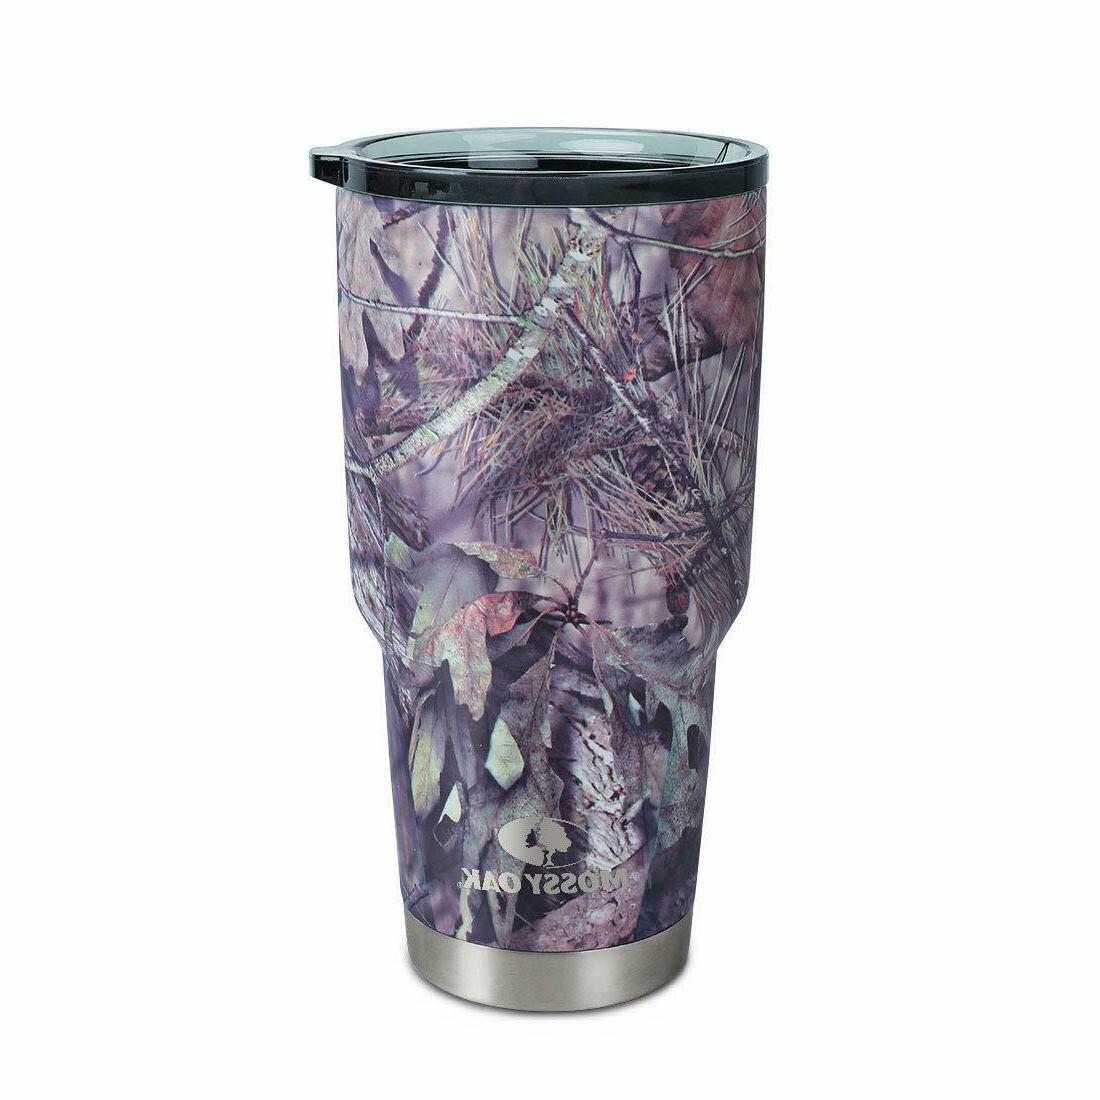 30 oz vacuum insulated tumbler cup travel